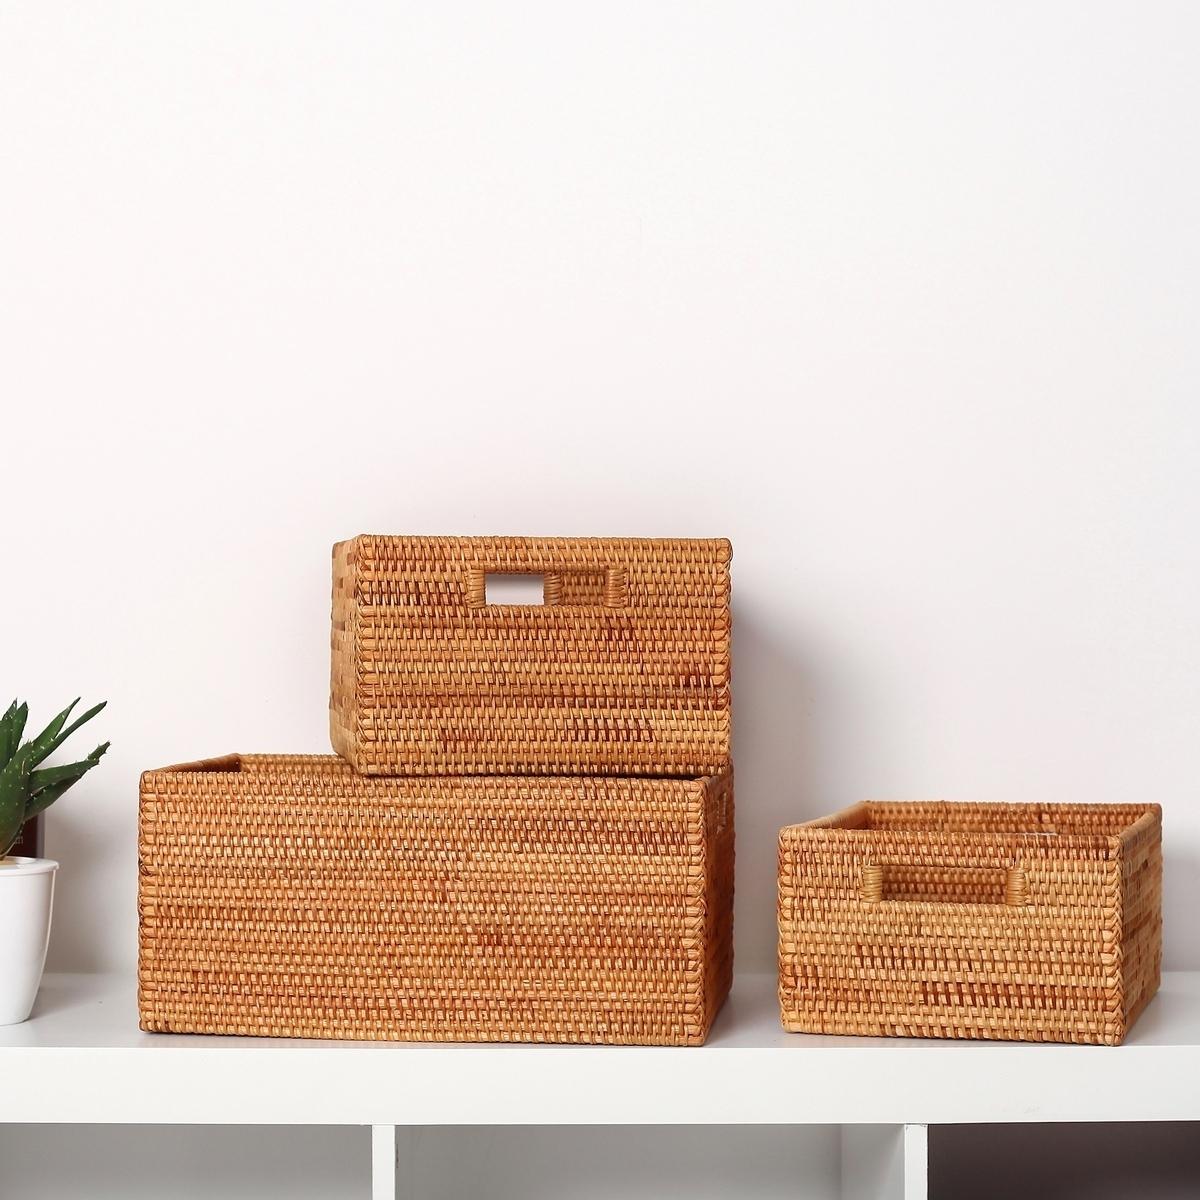 藤編收納筐玩具雜物桌面咖色收納北歐日式收納盒包郵竹編籃定做